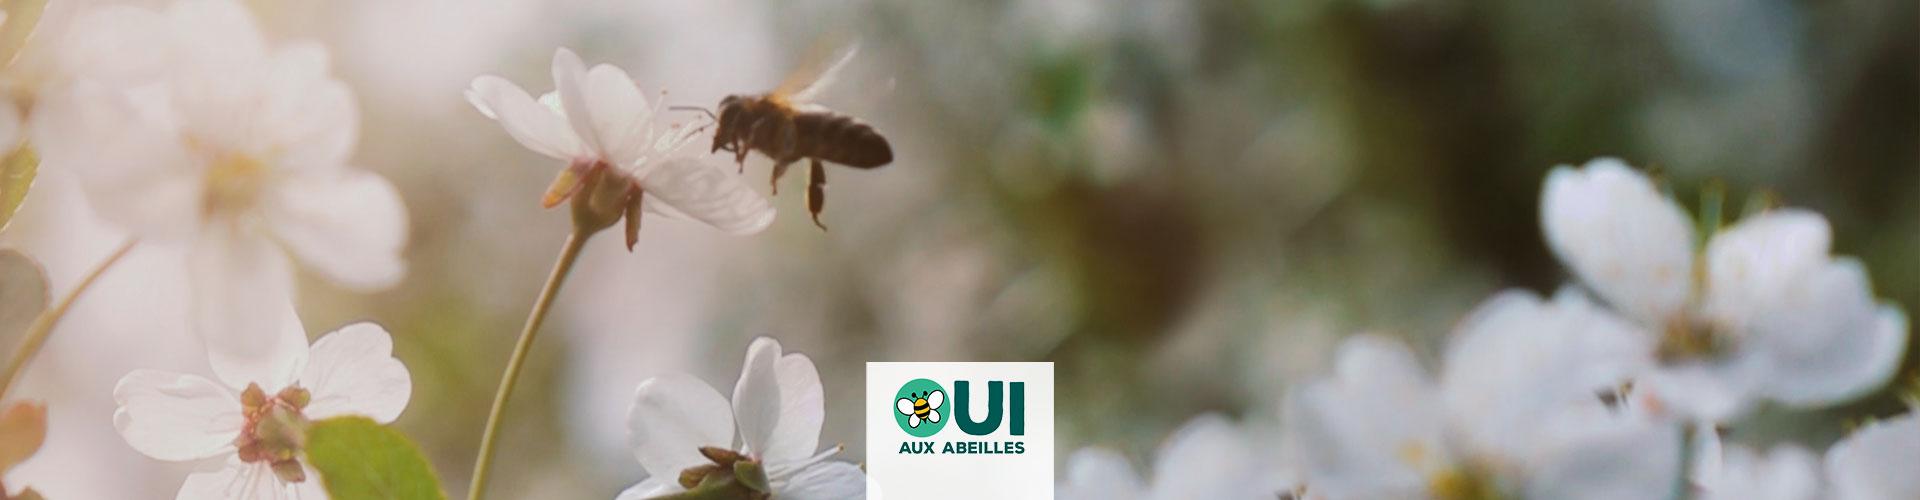 Parce que la survie des abeilles est fragile